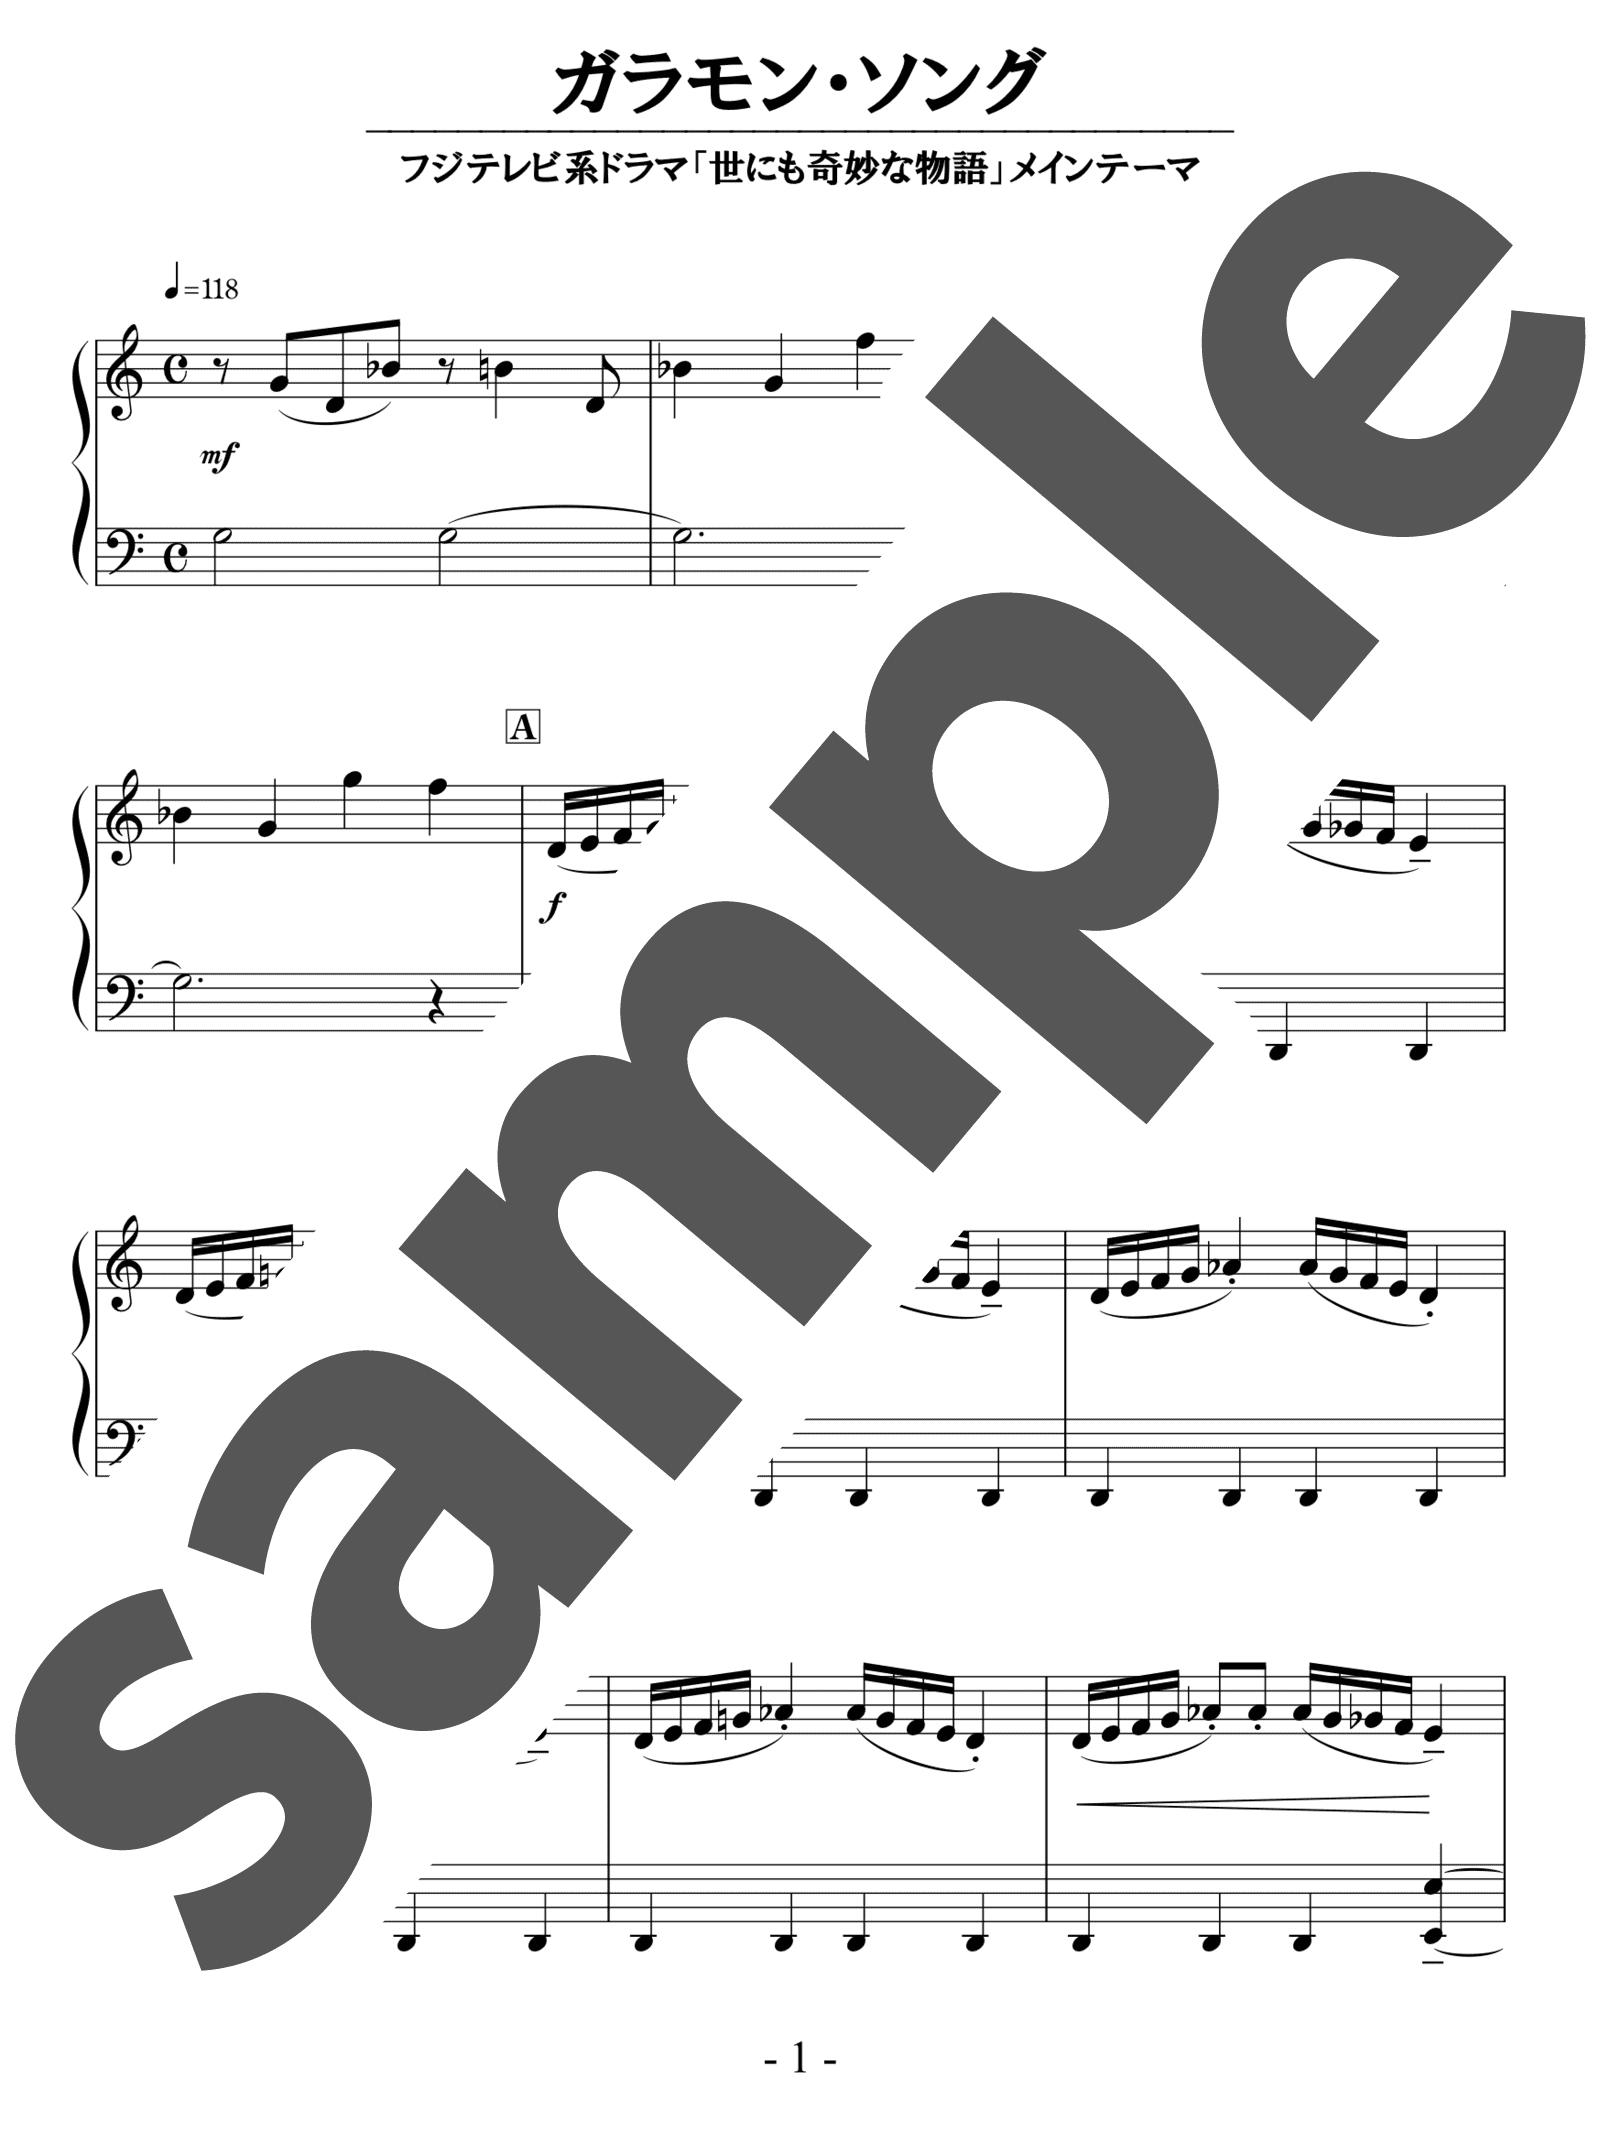 「ガラモン・ソング」のサンプル楽譜